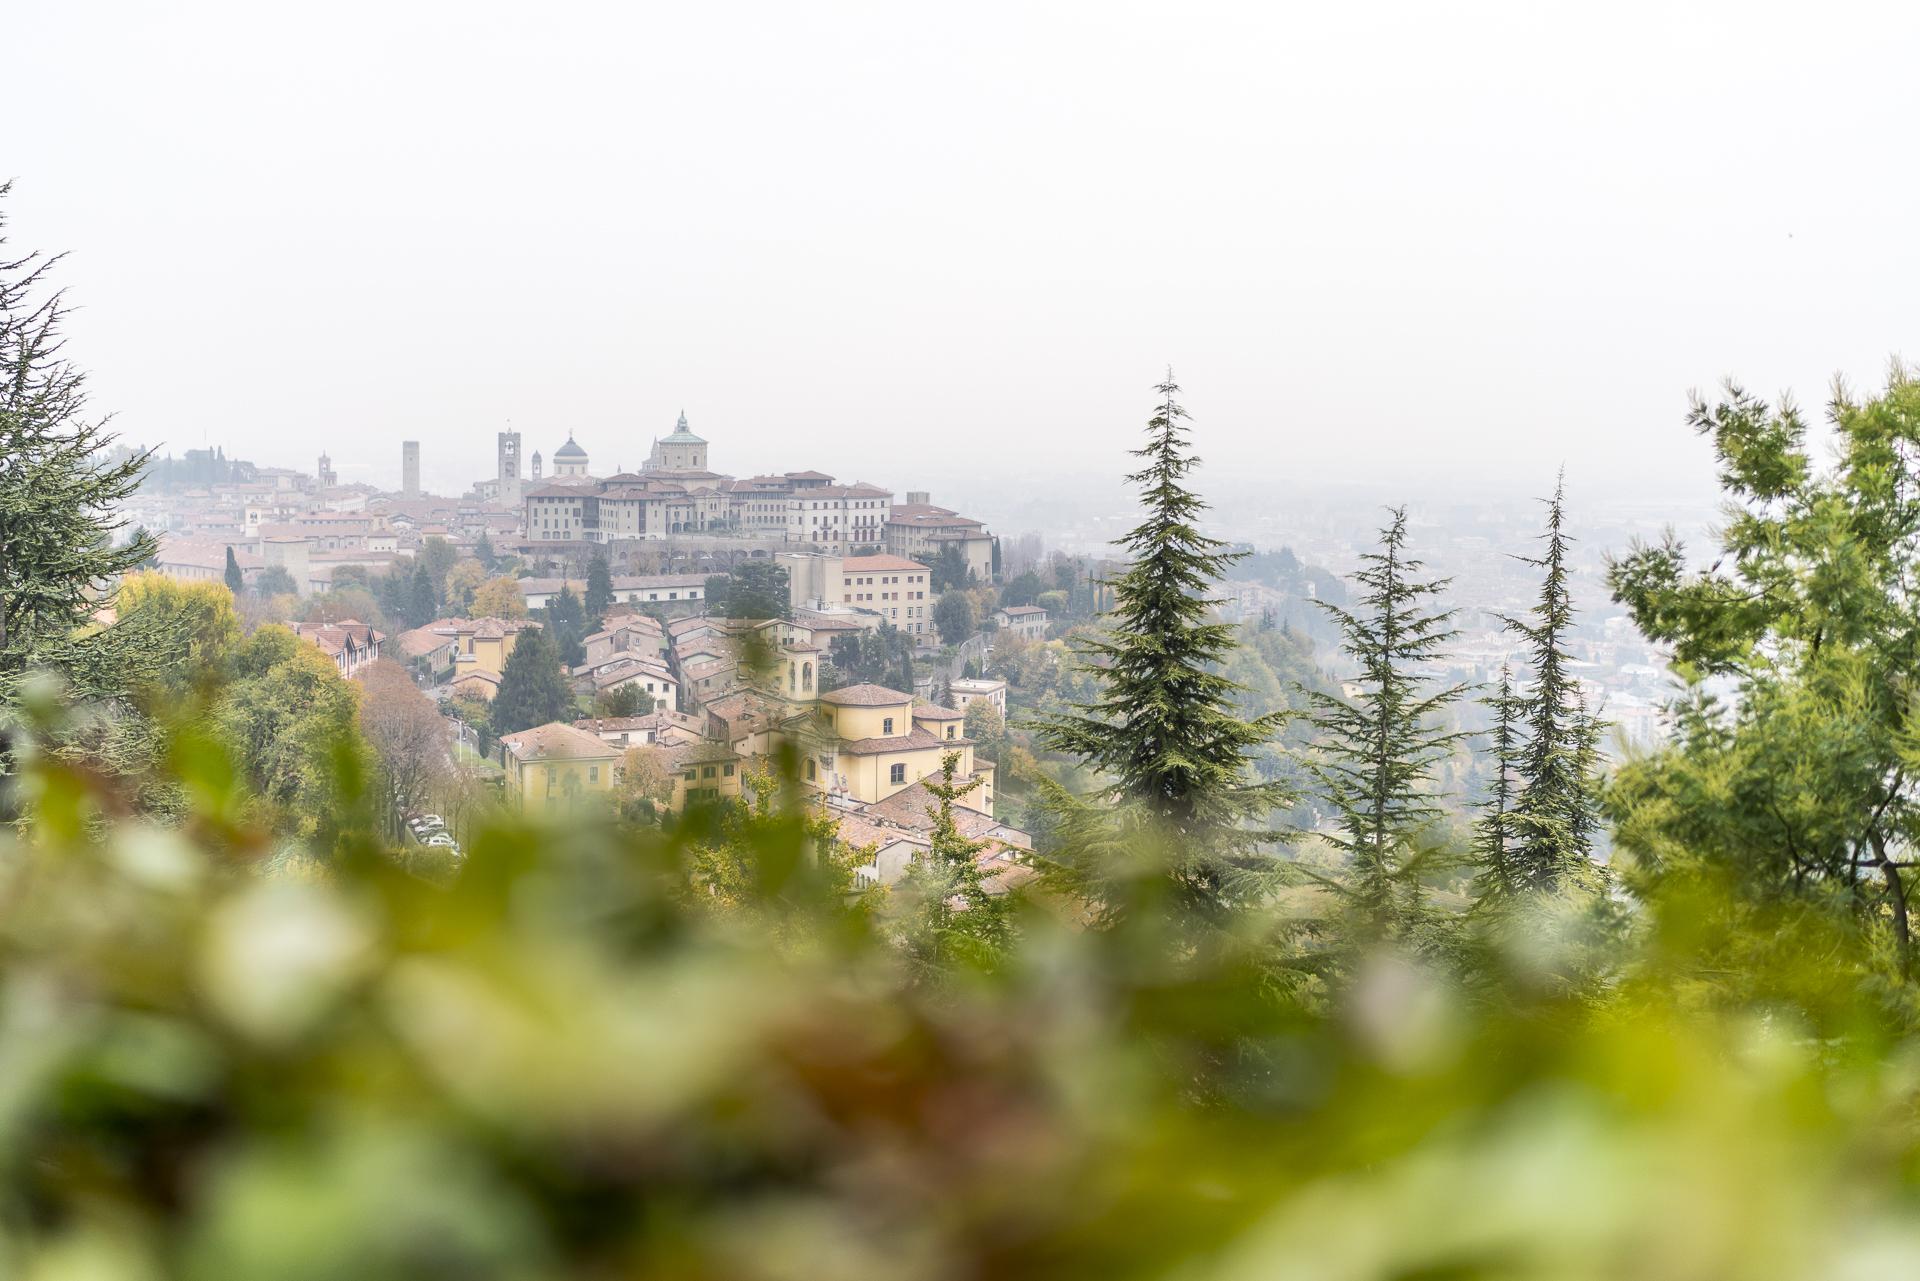 San Vigilio Bergamo